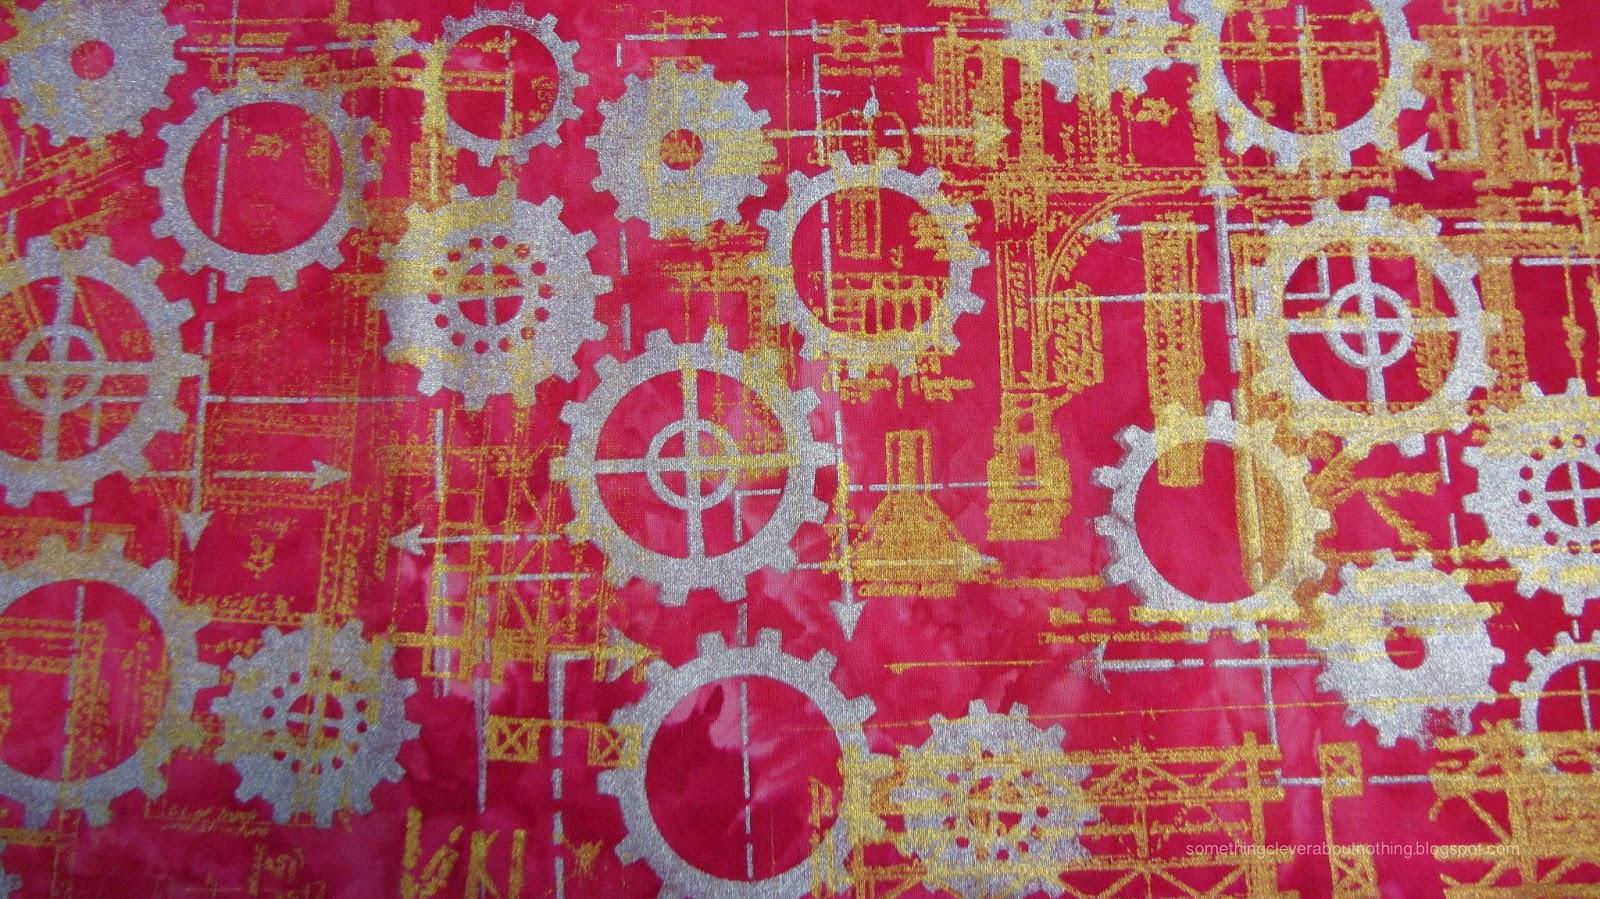 http://2.bp.blogspot.com/-Qwz37WnhzYk/U7XG-Tnp1qI/AAAAAAAAOgo/-h9eUNNs5BU/s1600/Lisa+Industrial+steam+punk1.jpg